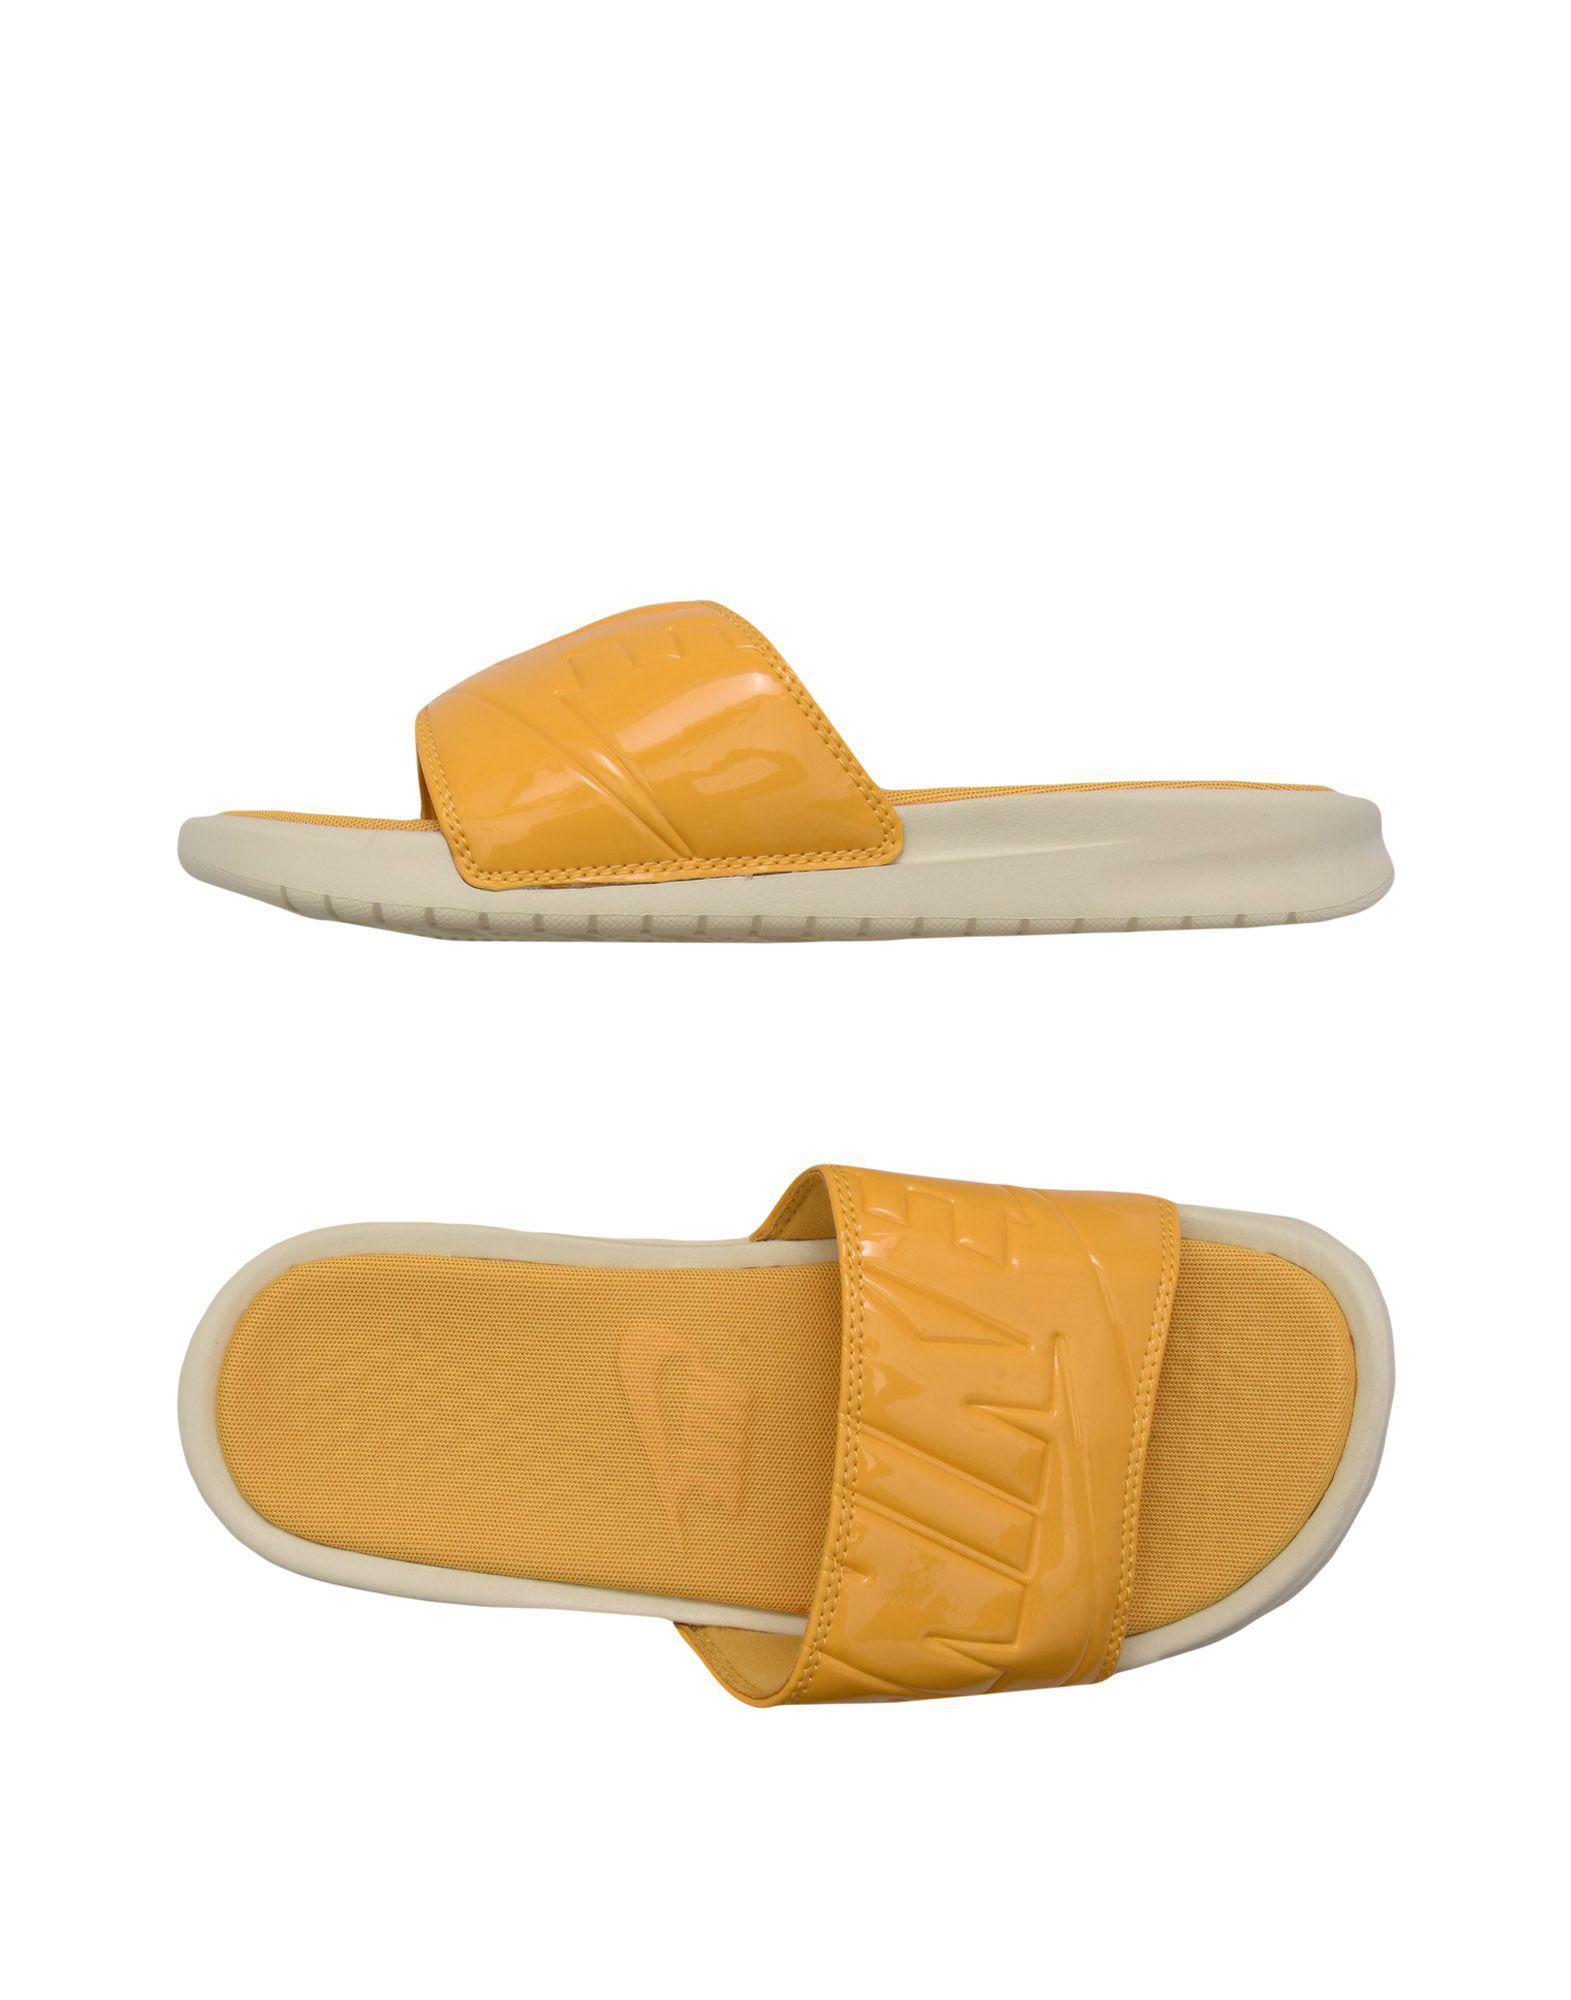 ae92610b6f96 ... best price nike. womens yellow sandals b1603 02b0e